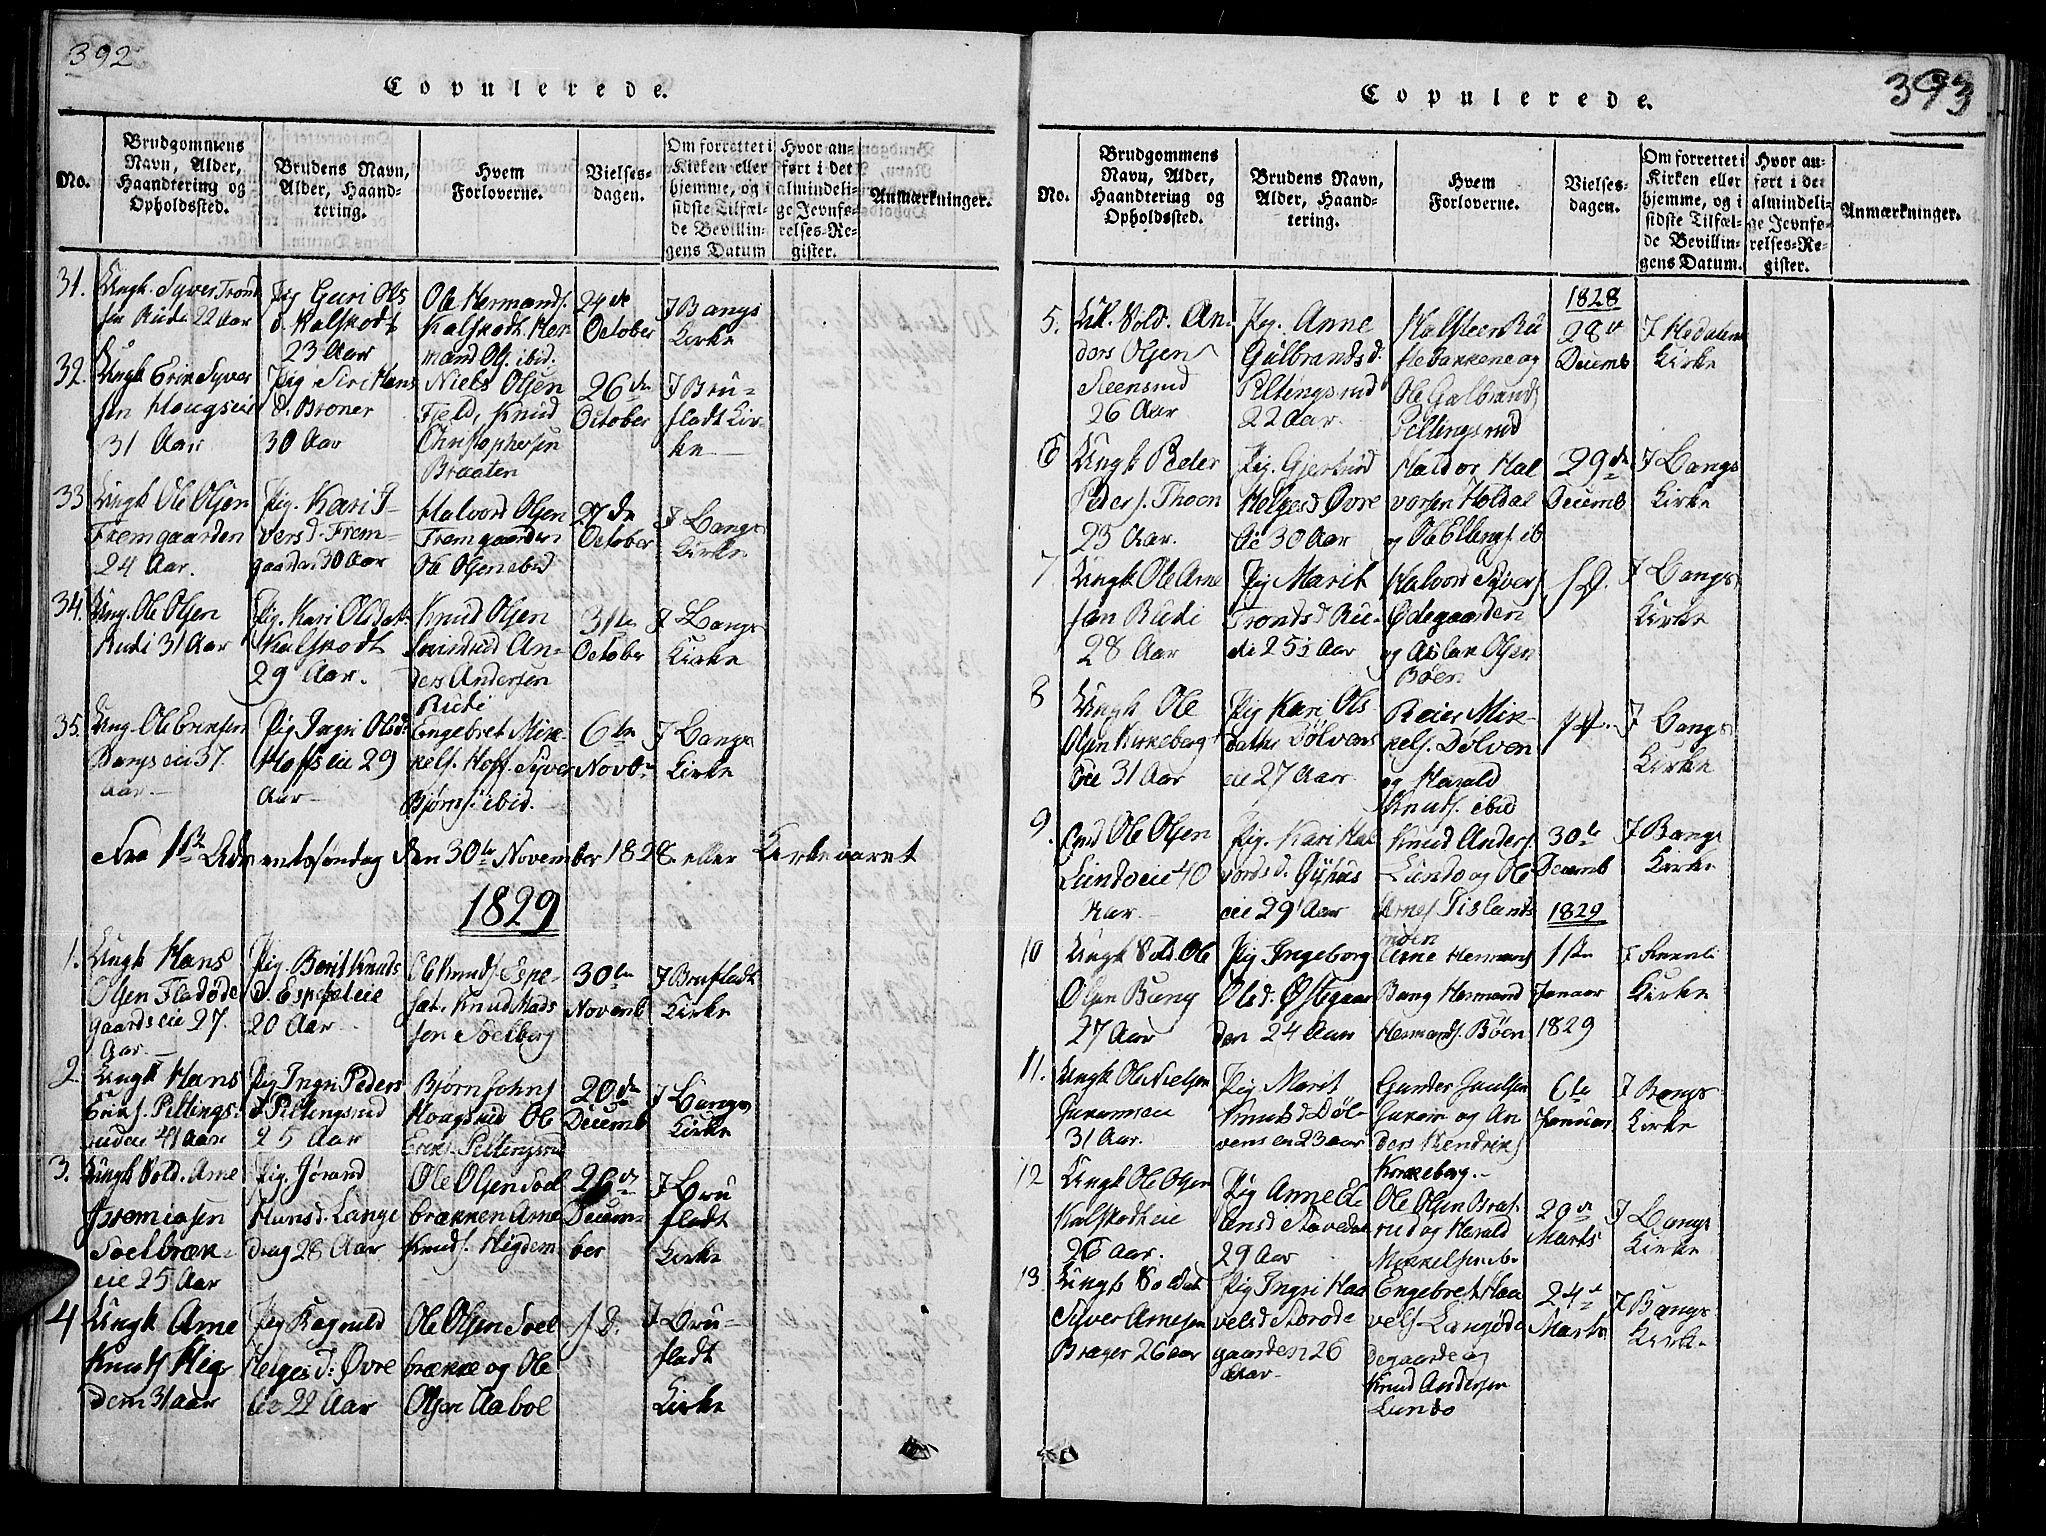 SAH, Sør-Aurdal prestekontor, Klokkerbok nr. 2, 1826-1840, s. 392-393